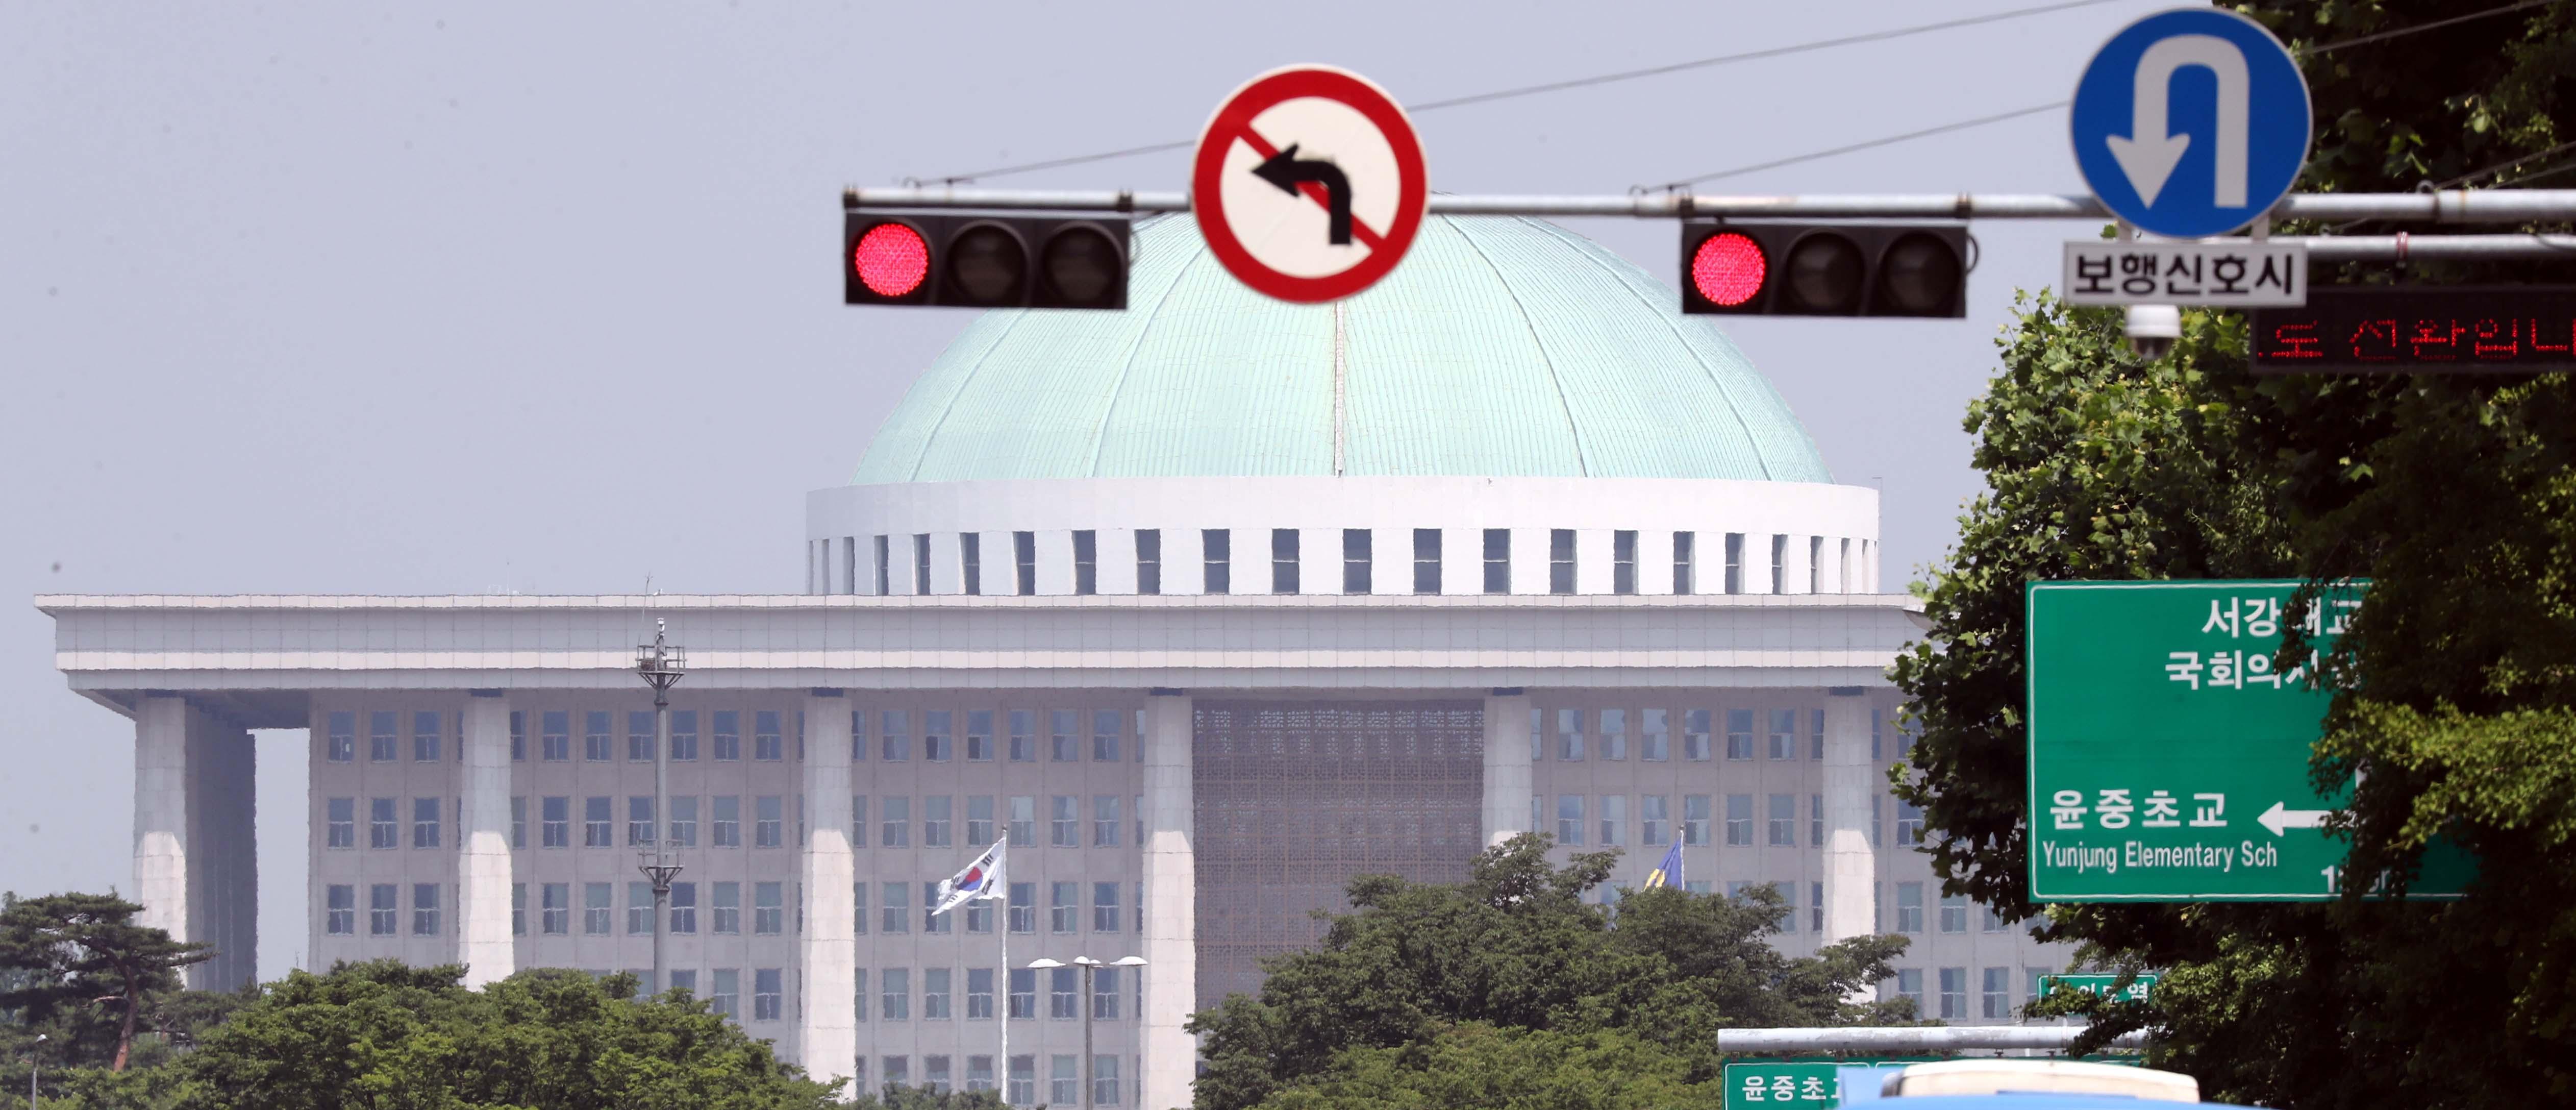 [정책] 26일 국회 '사법 개헌안' 공청회